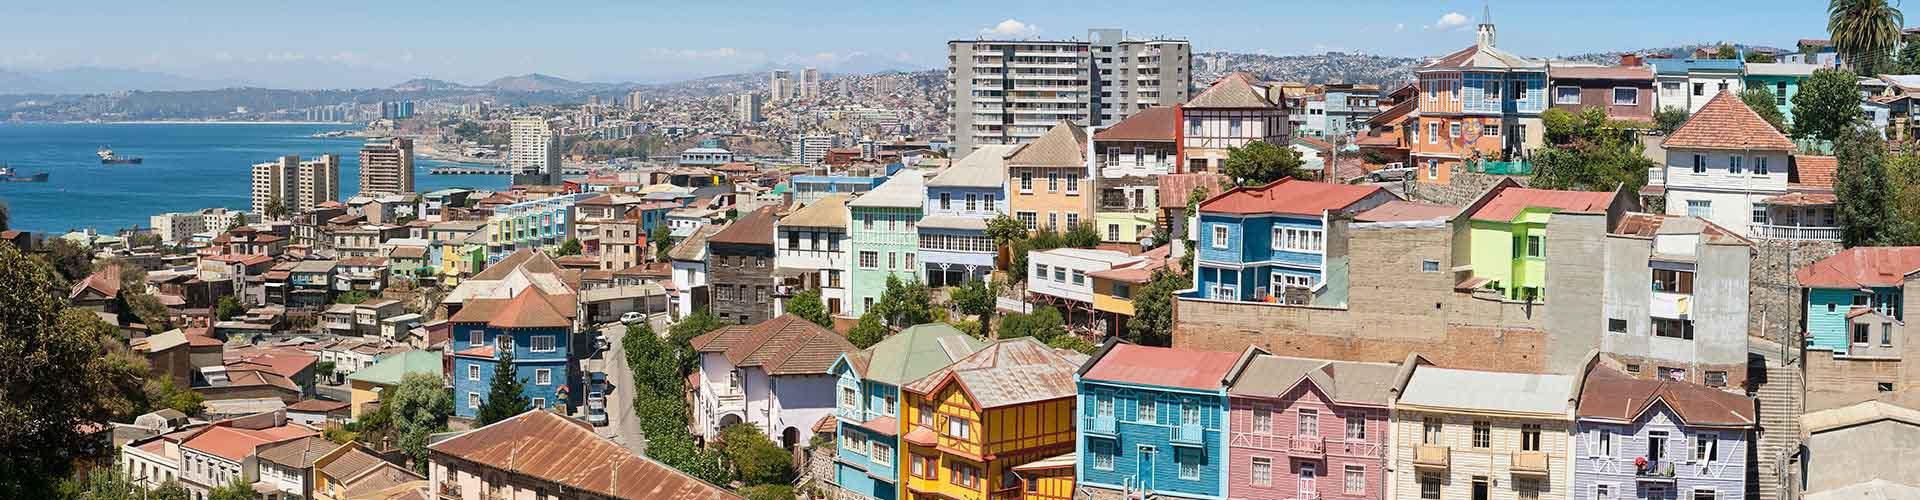 Valparaiso – Hostels in Valparaiso. Valparaiso auf der Karte. Fotos und Bewertungen für jedes Hostel in Valparaiso.